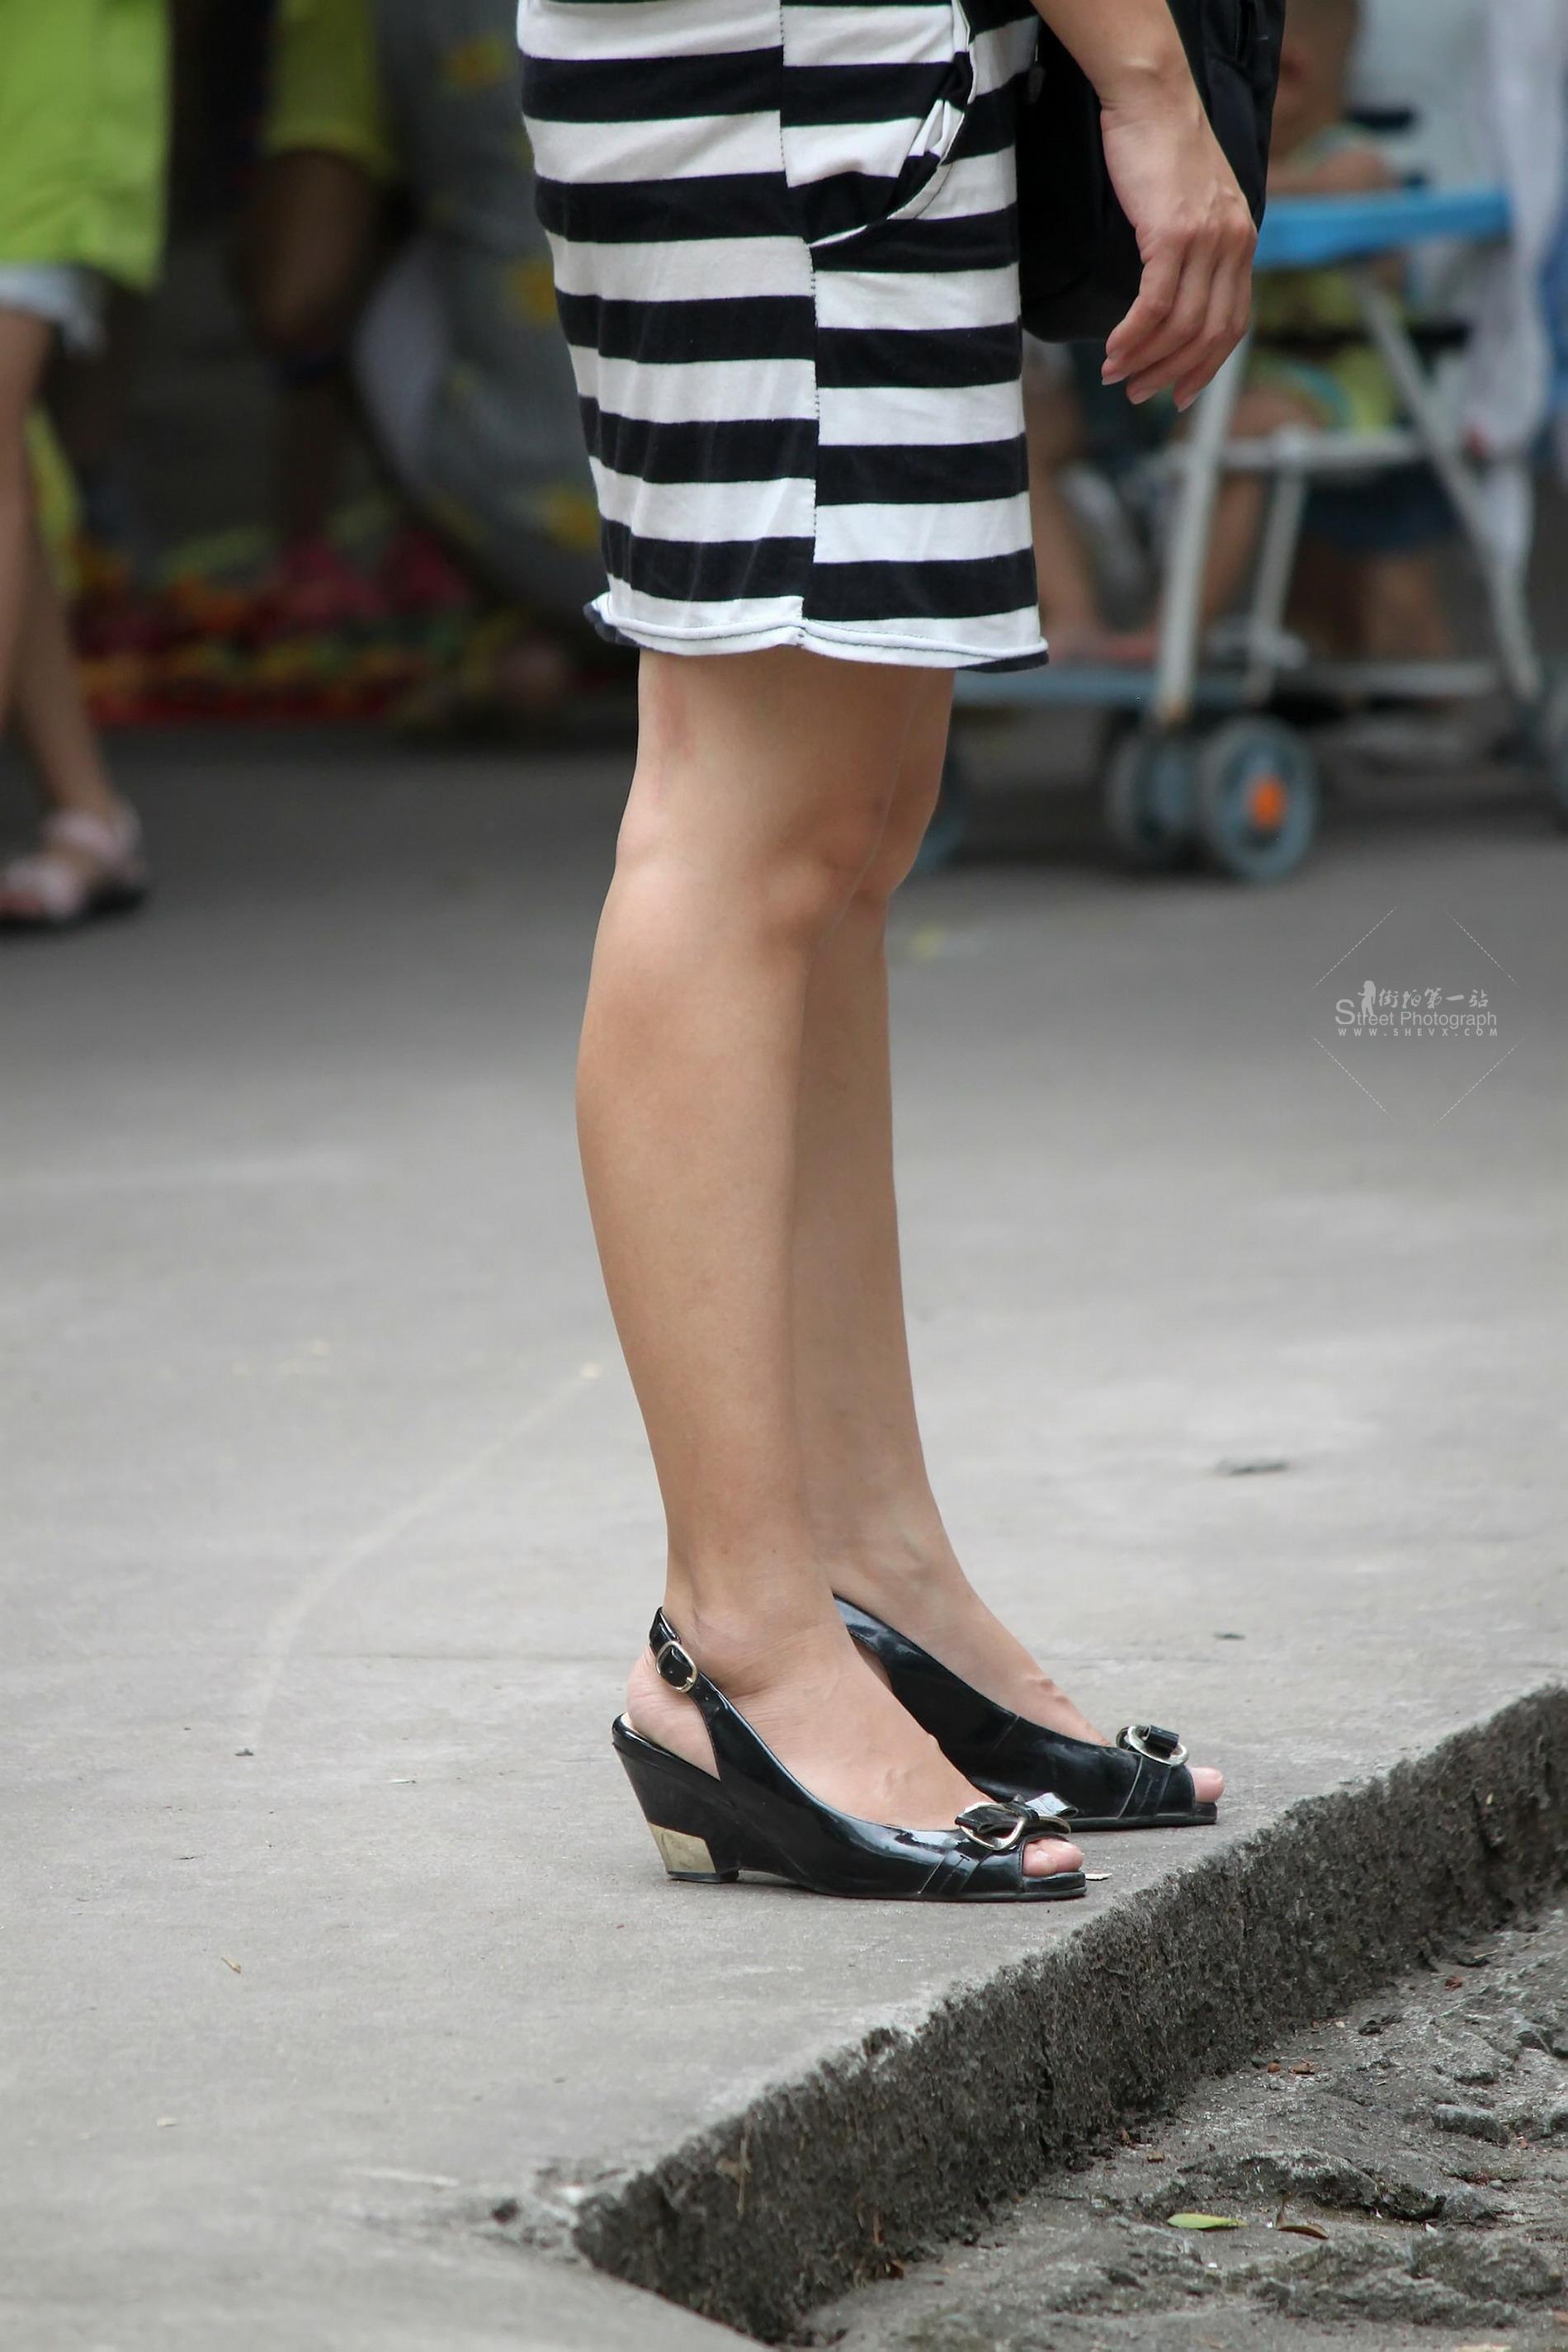 挑鞋晾脚_街拍挑鞋_街拍肉丝挑鞋_街拍短丝挑鞋_街拍丝脚挑鞋 - www.baobaoyuer.com